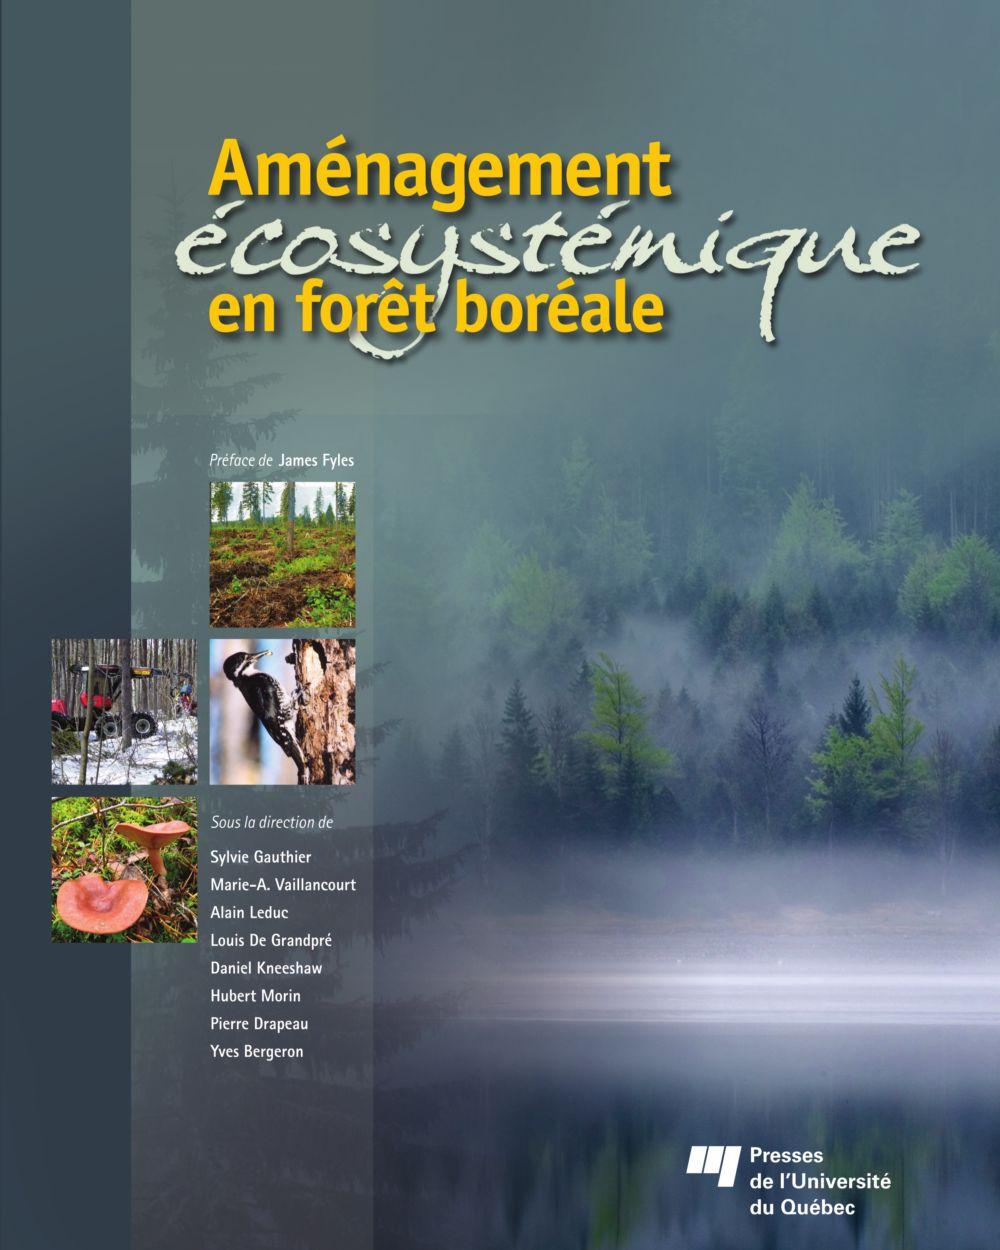 Aménagement écosystémique en forêt boréale